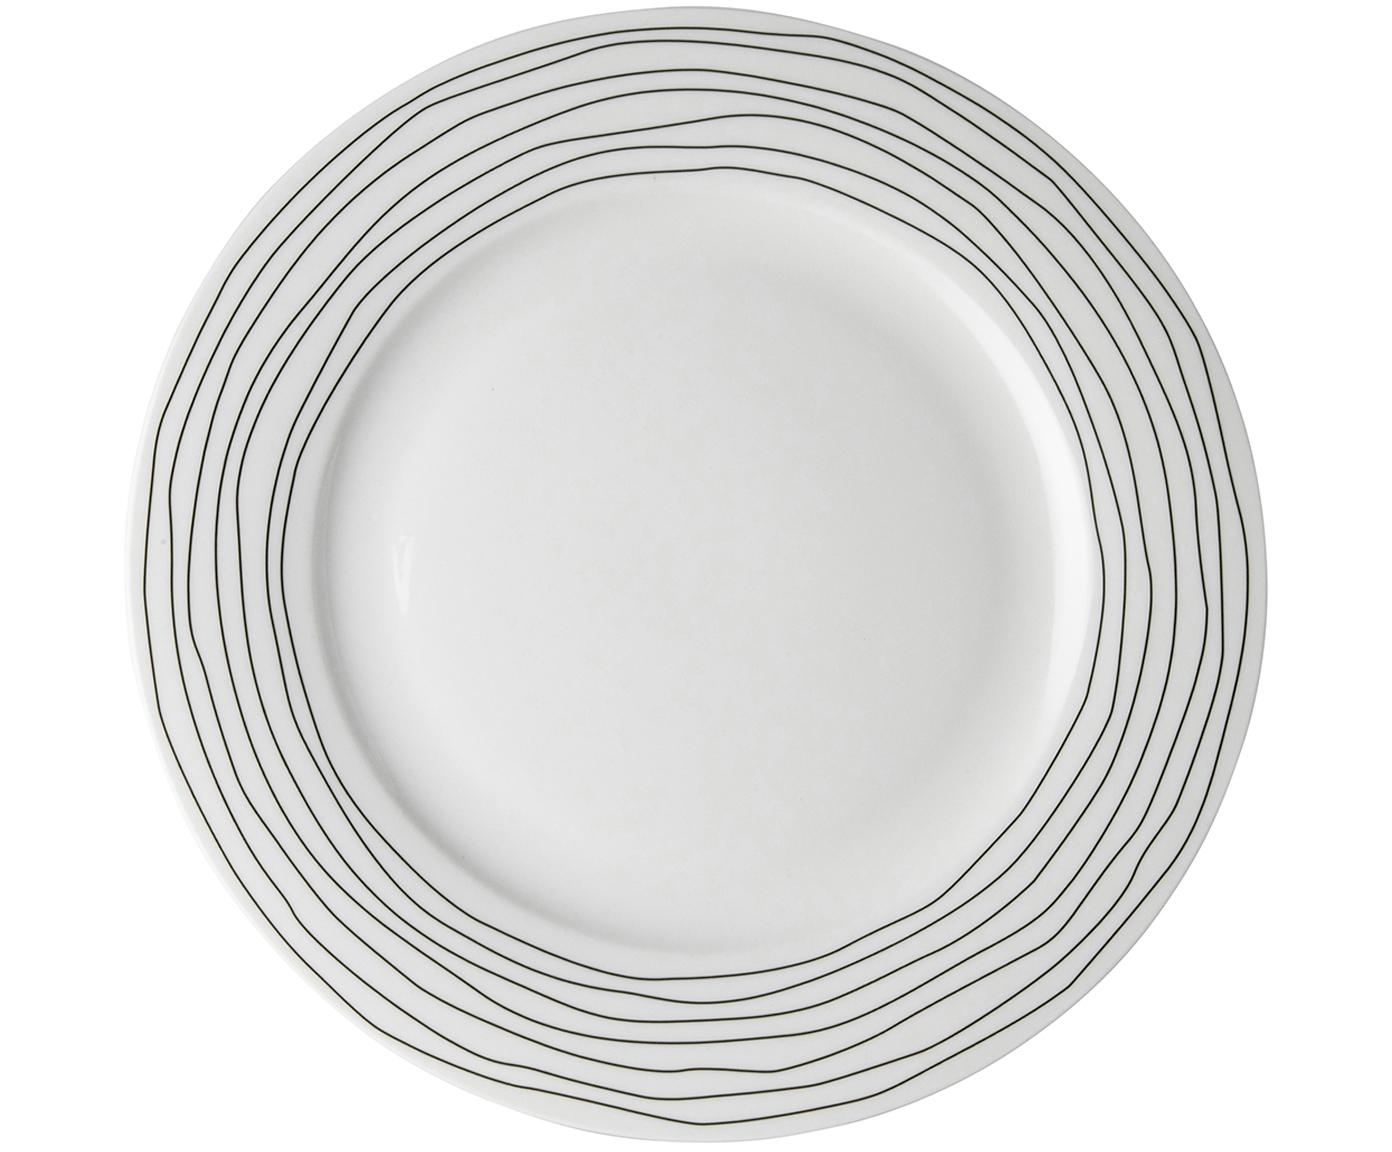 Speiseteller Eris Loft mit Liniendekor, 4 Stück, Porzellan, Weiss, Schwarz, Ø 26 x H 2 cm